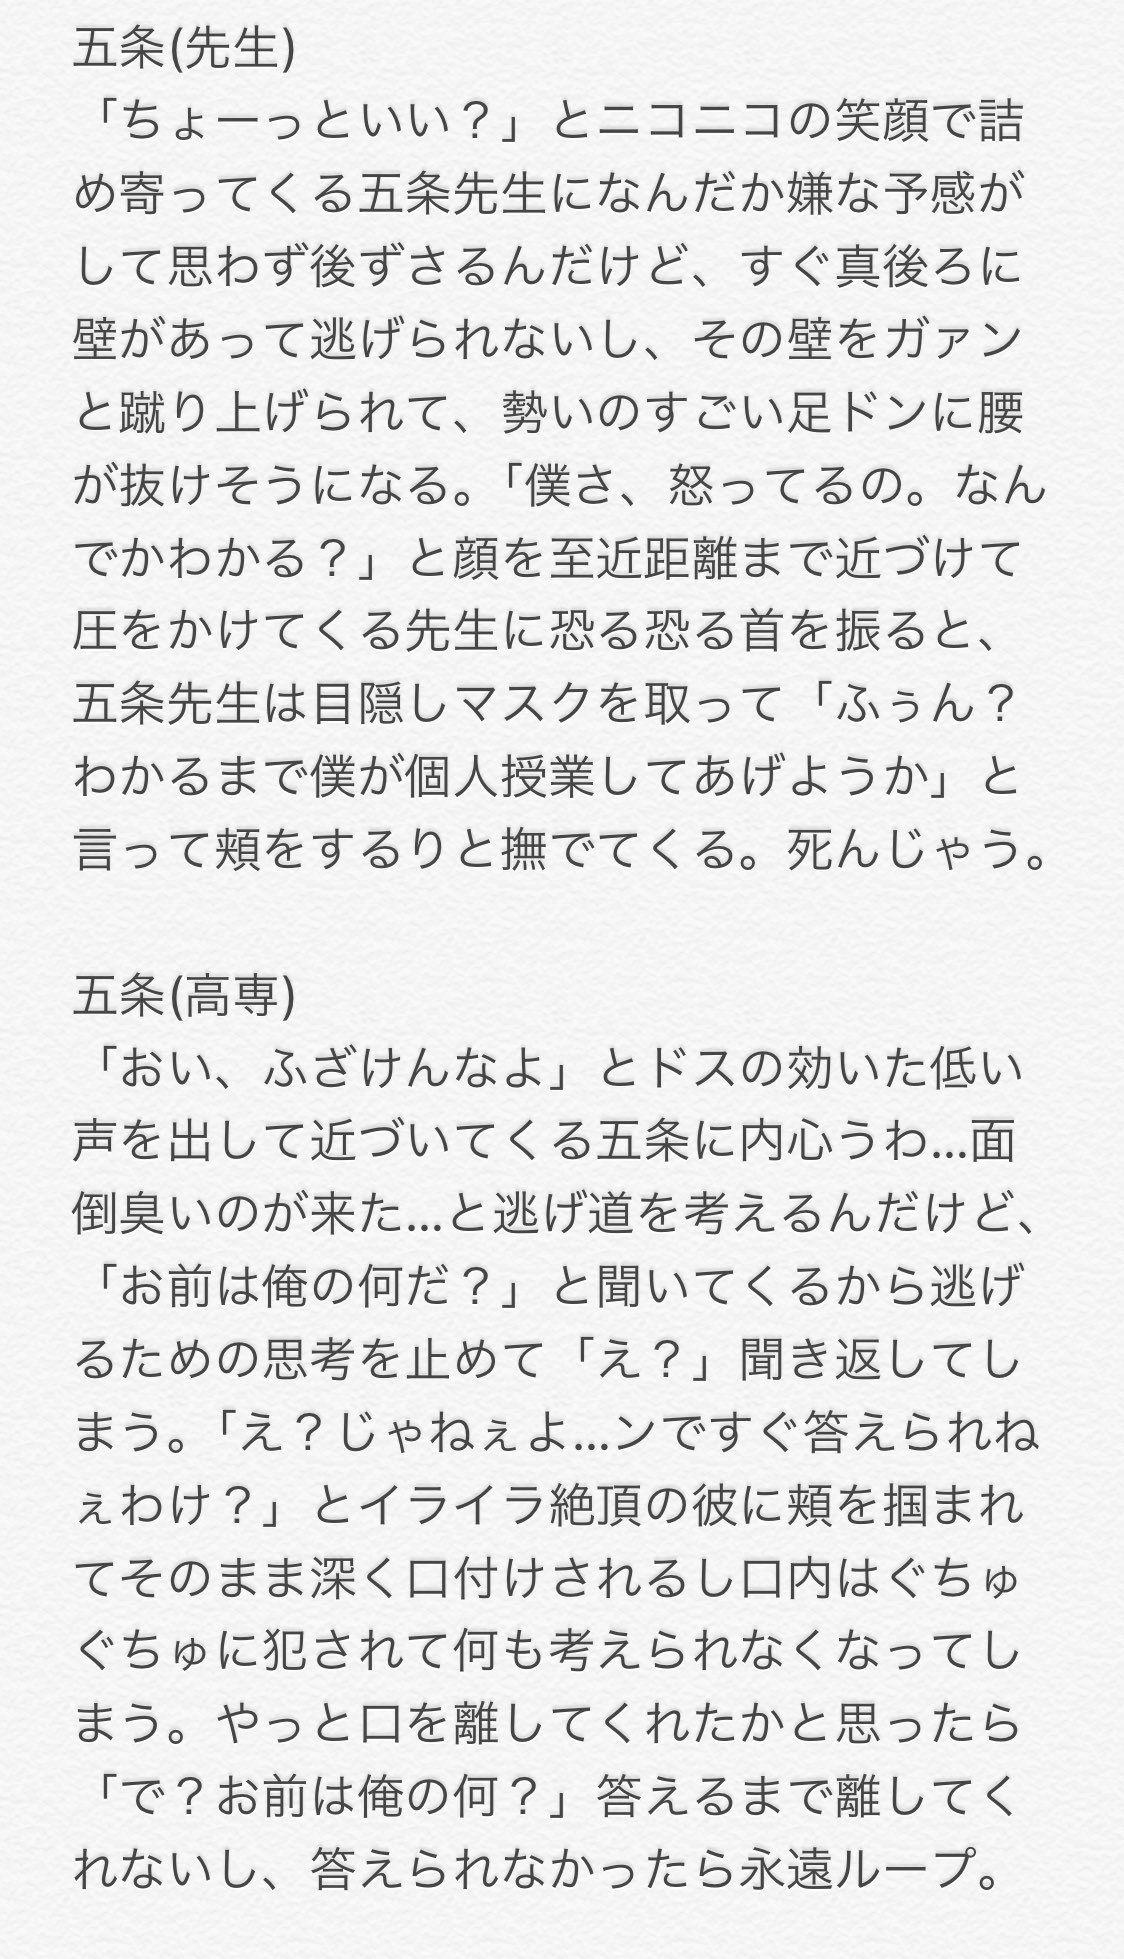 廻 pixiv 夢 戦 呪術